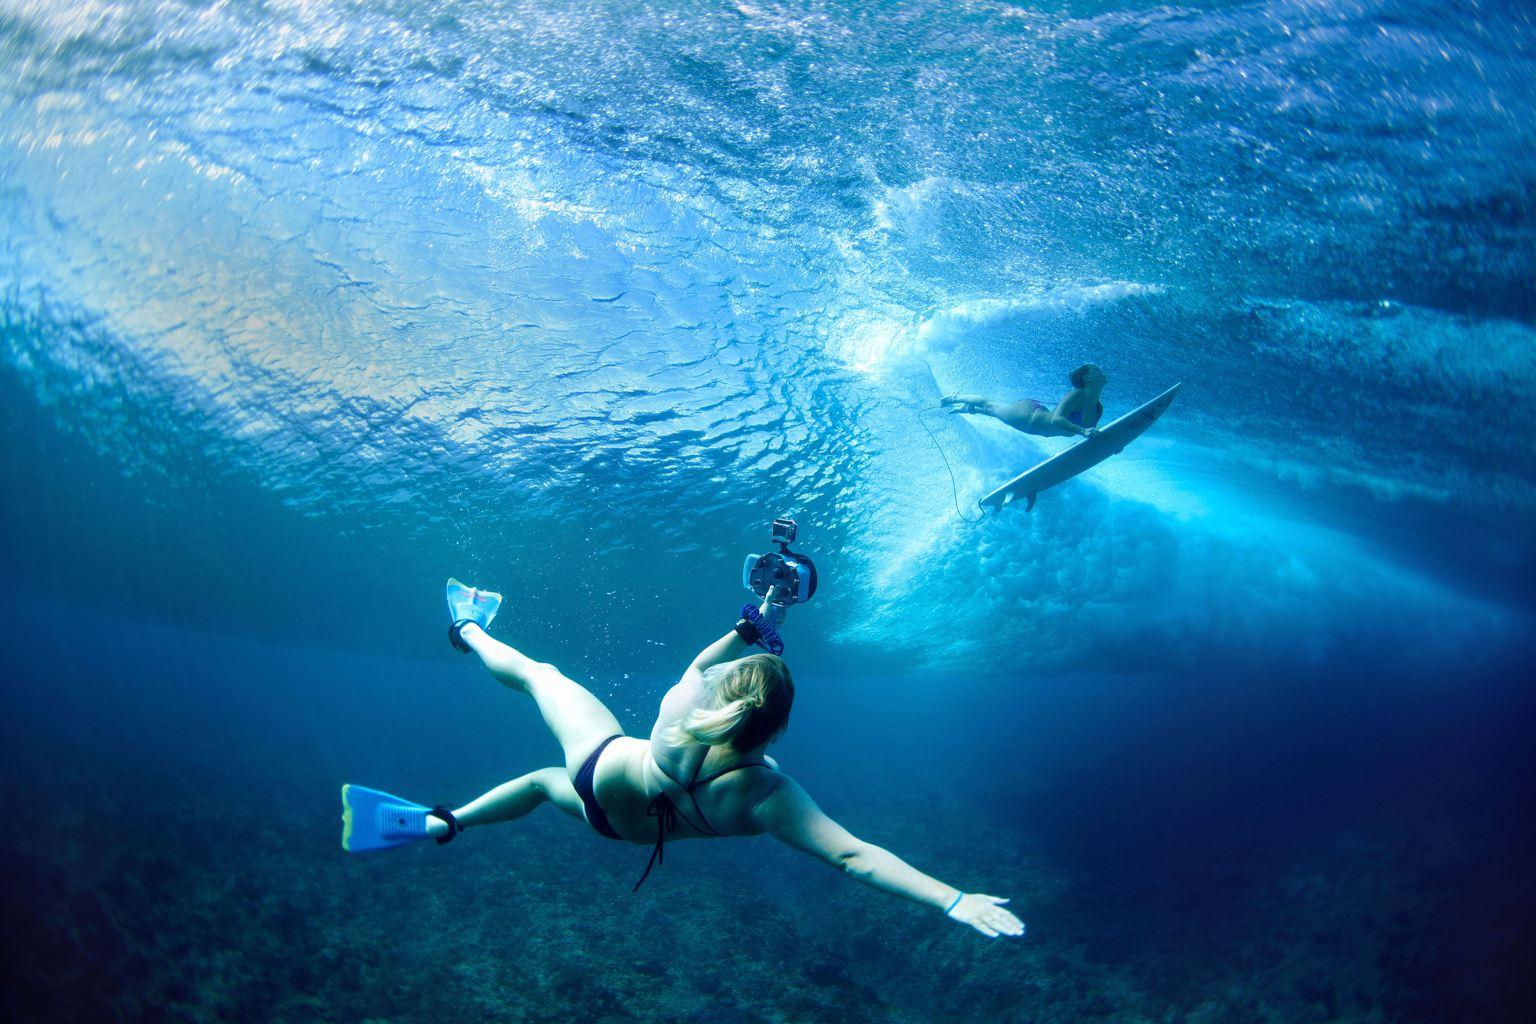 Métete en el agua para la fotografía de surf